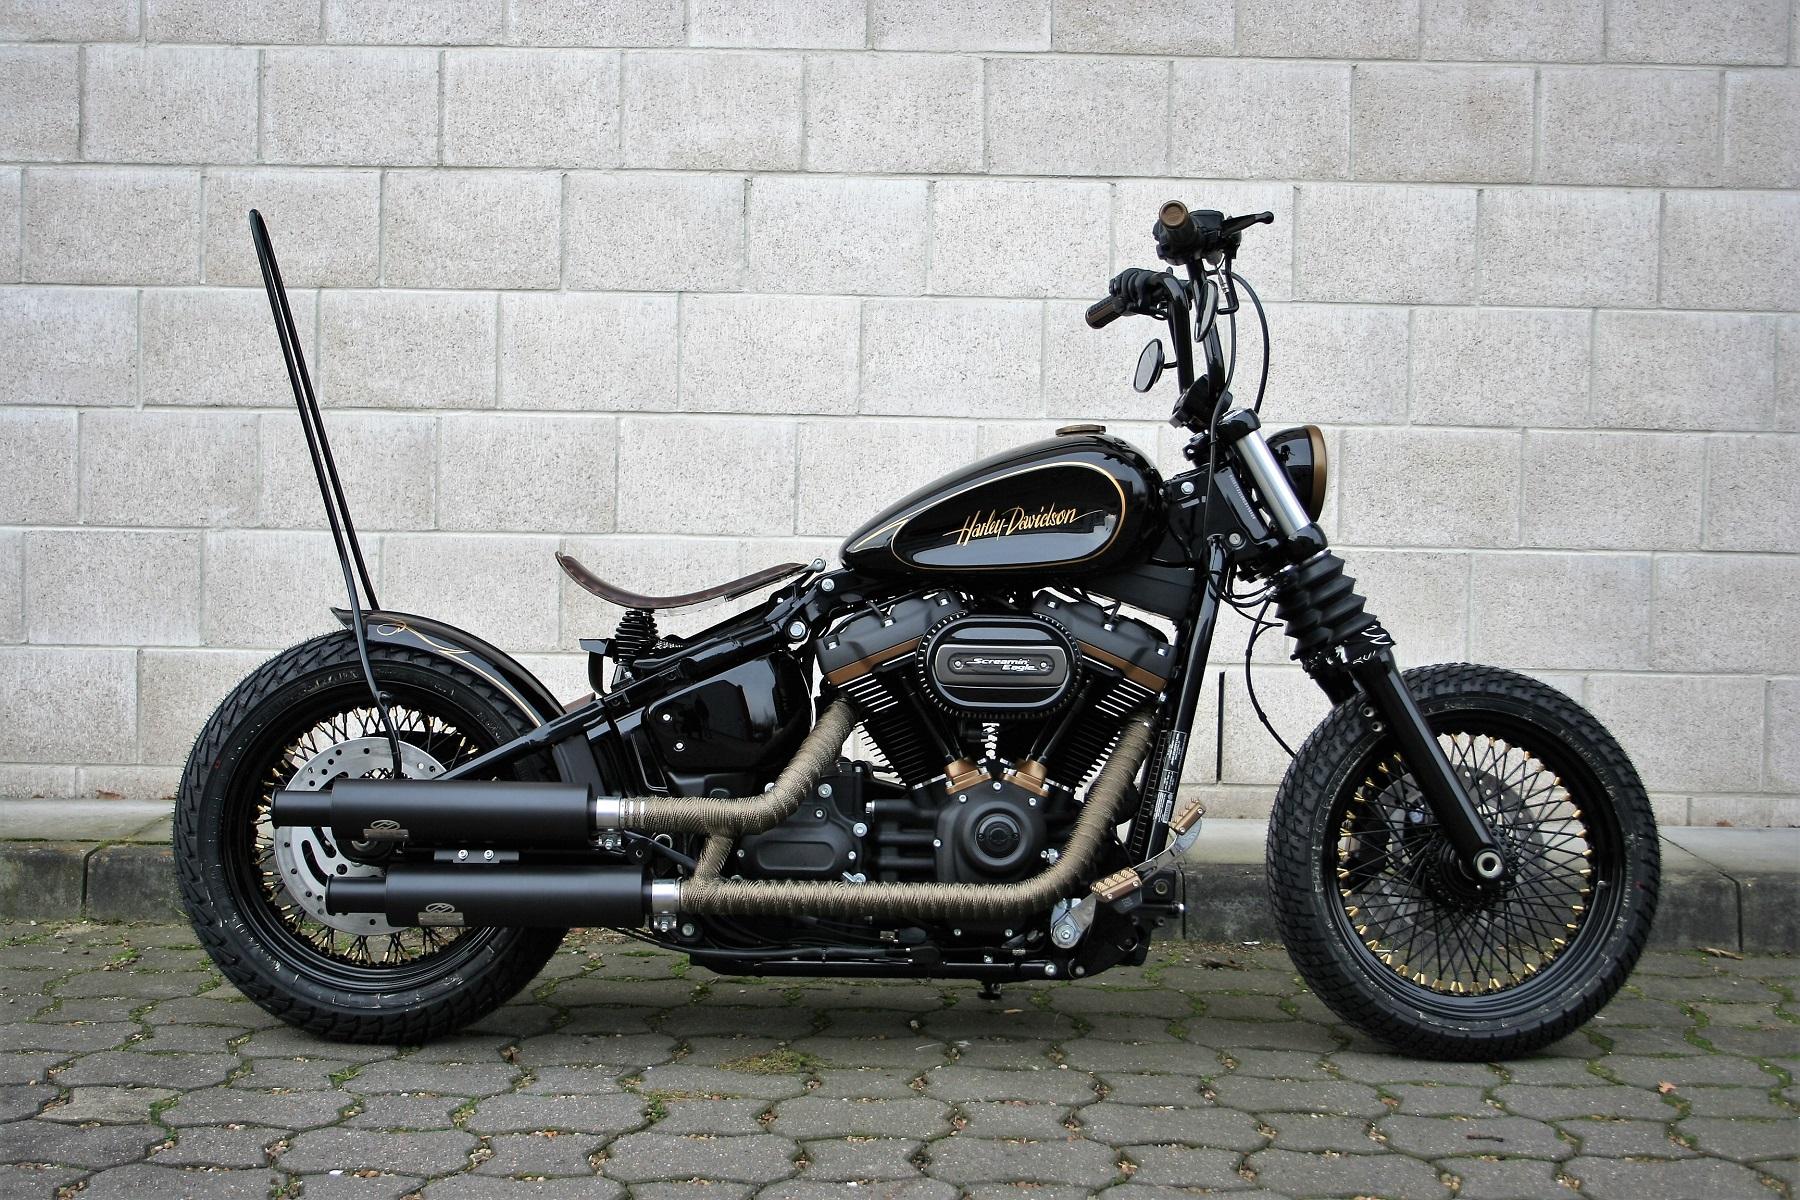 Harley Davidson Hamburg